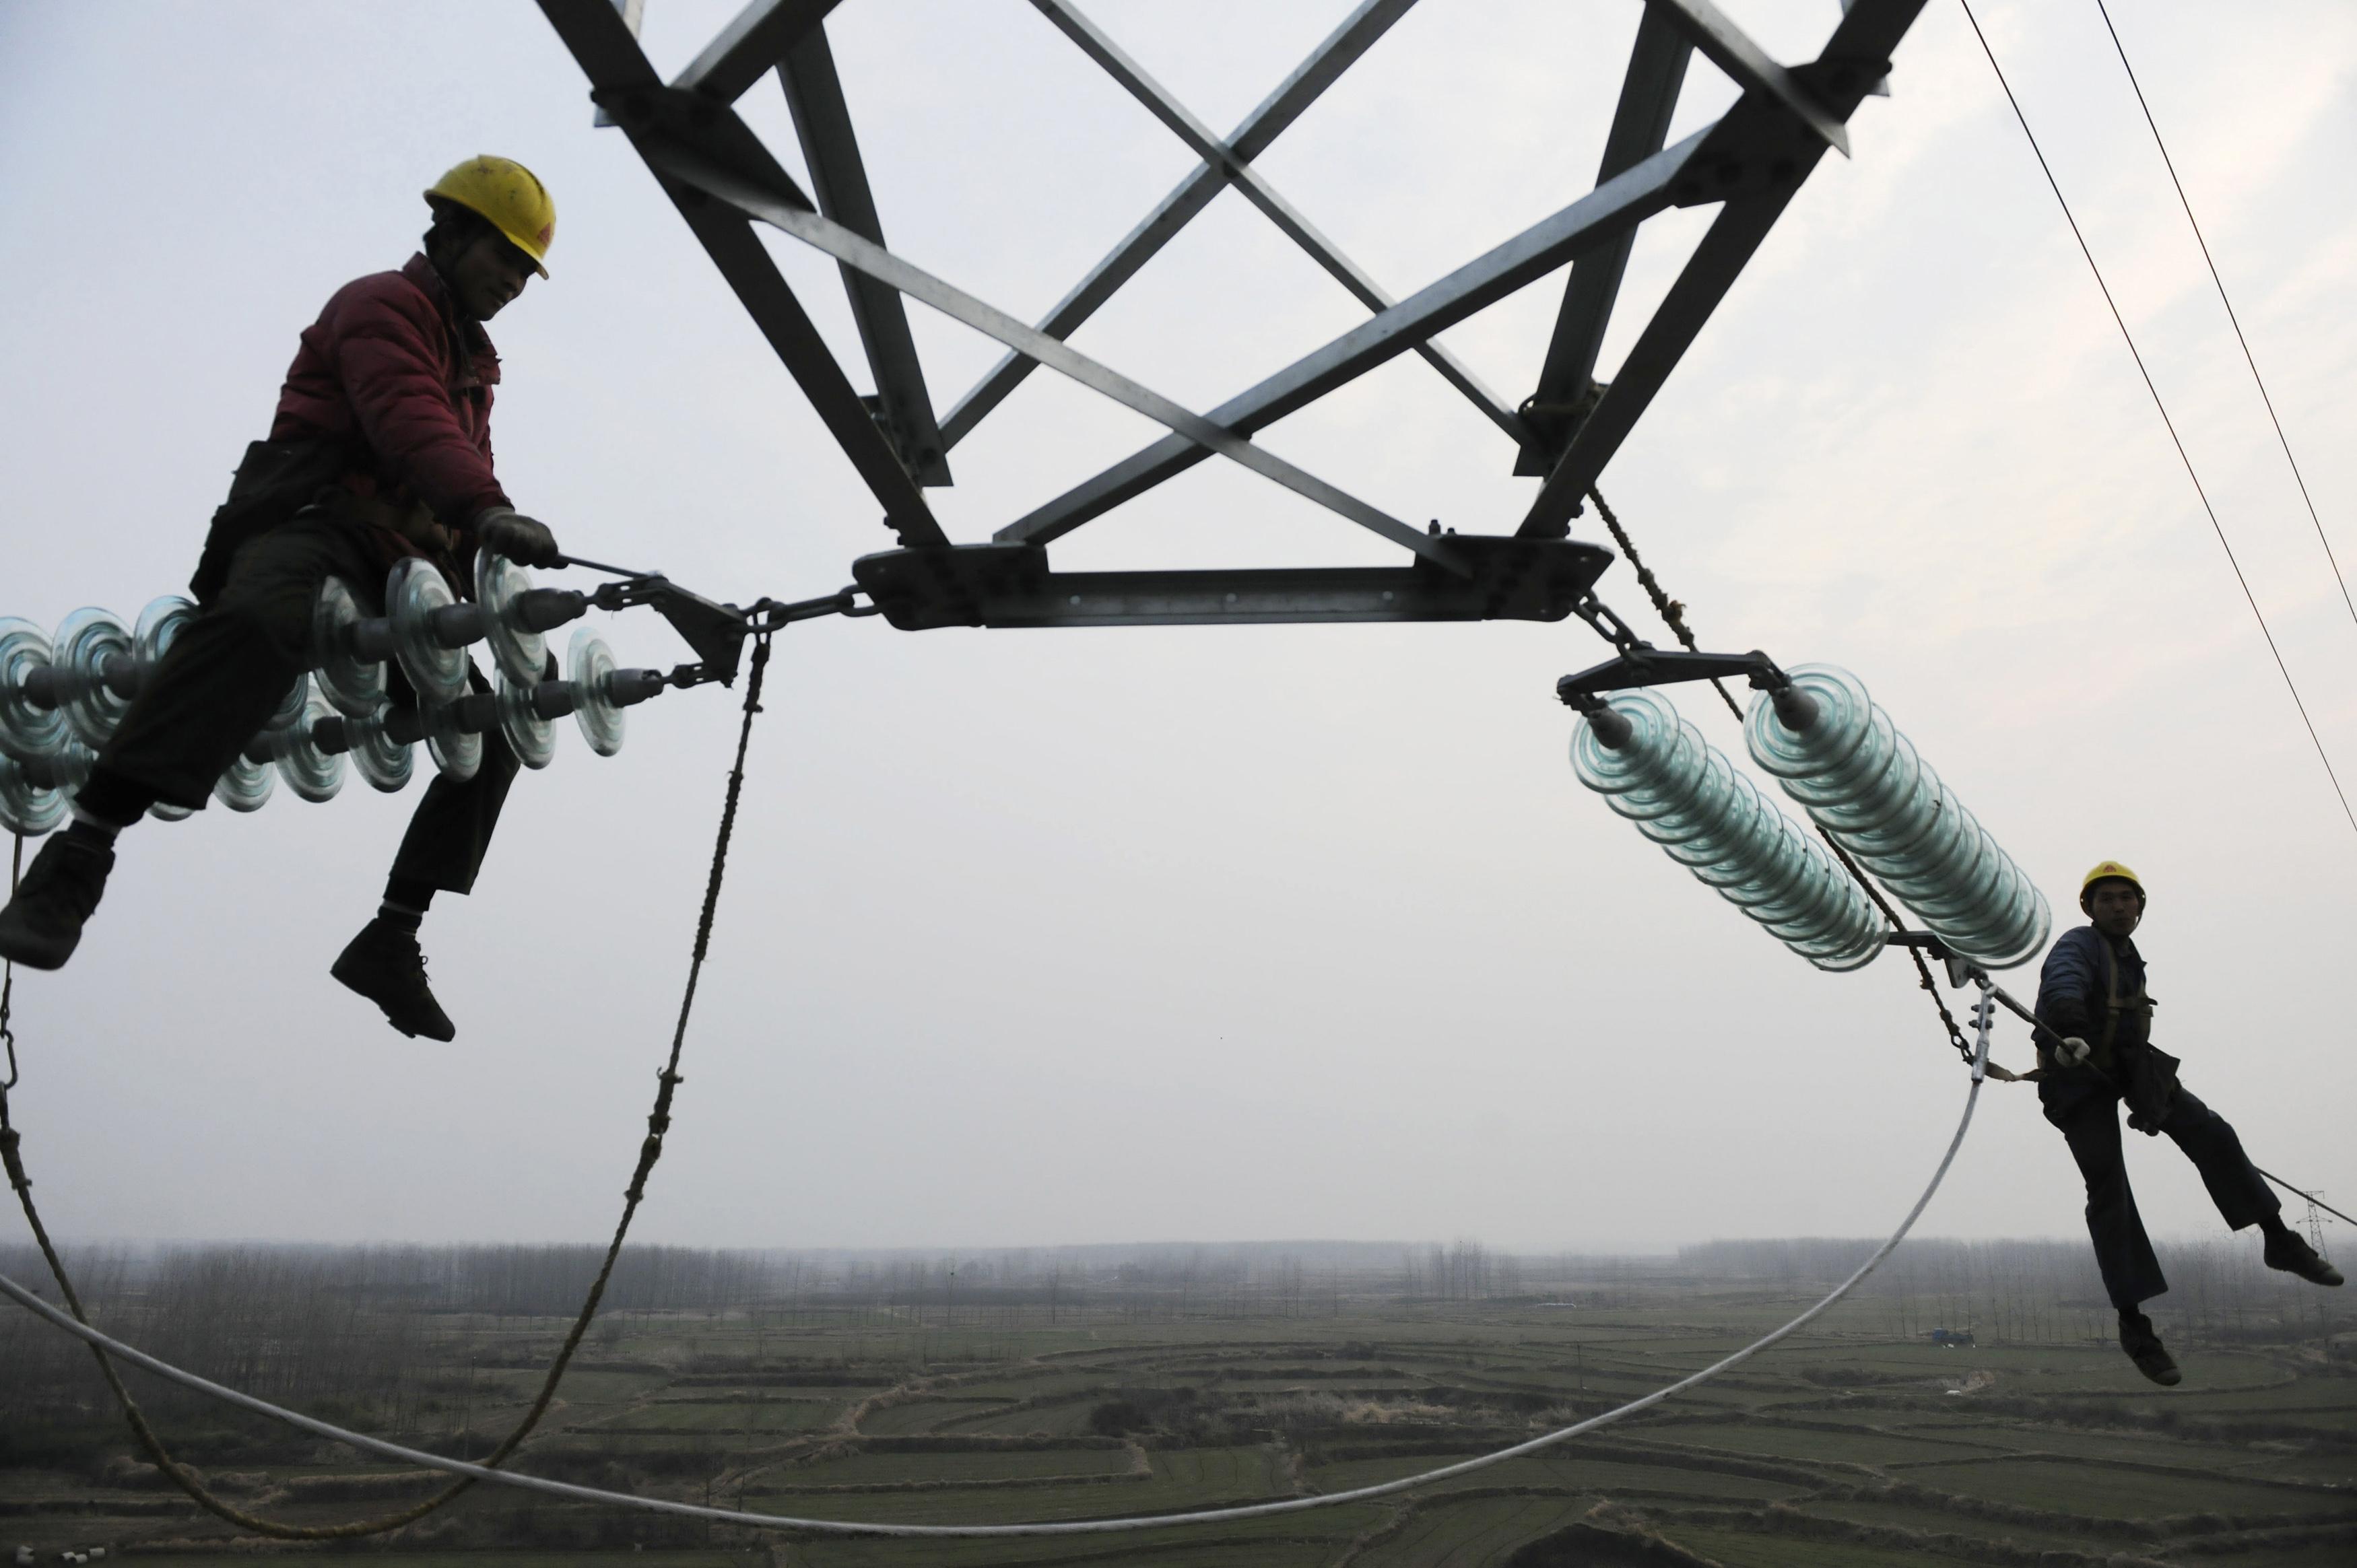 Employees work on a pylon in Chuzhou